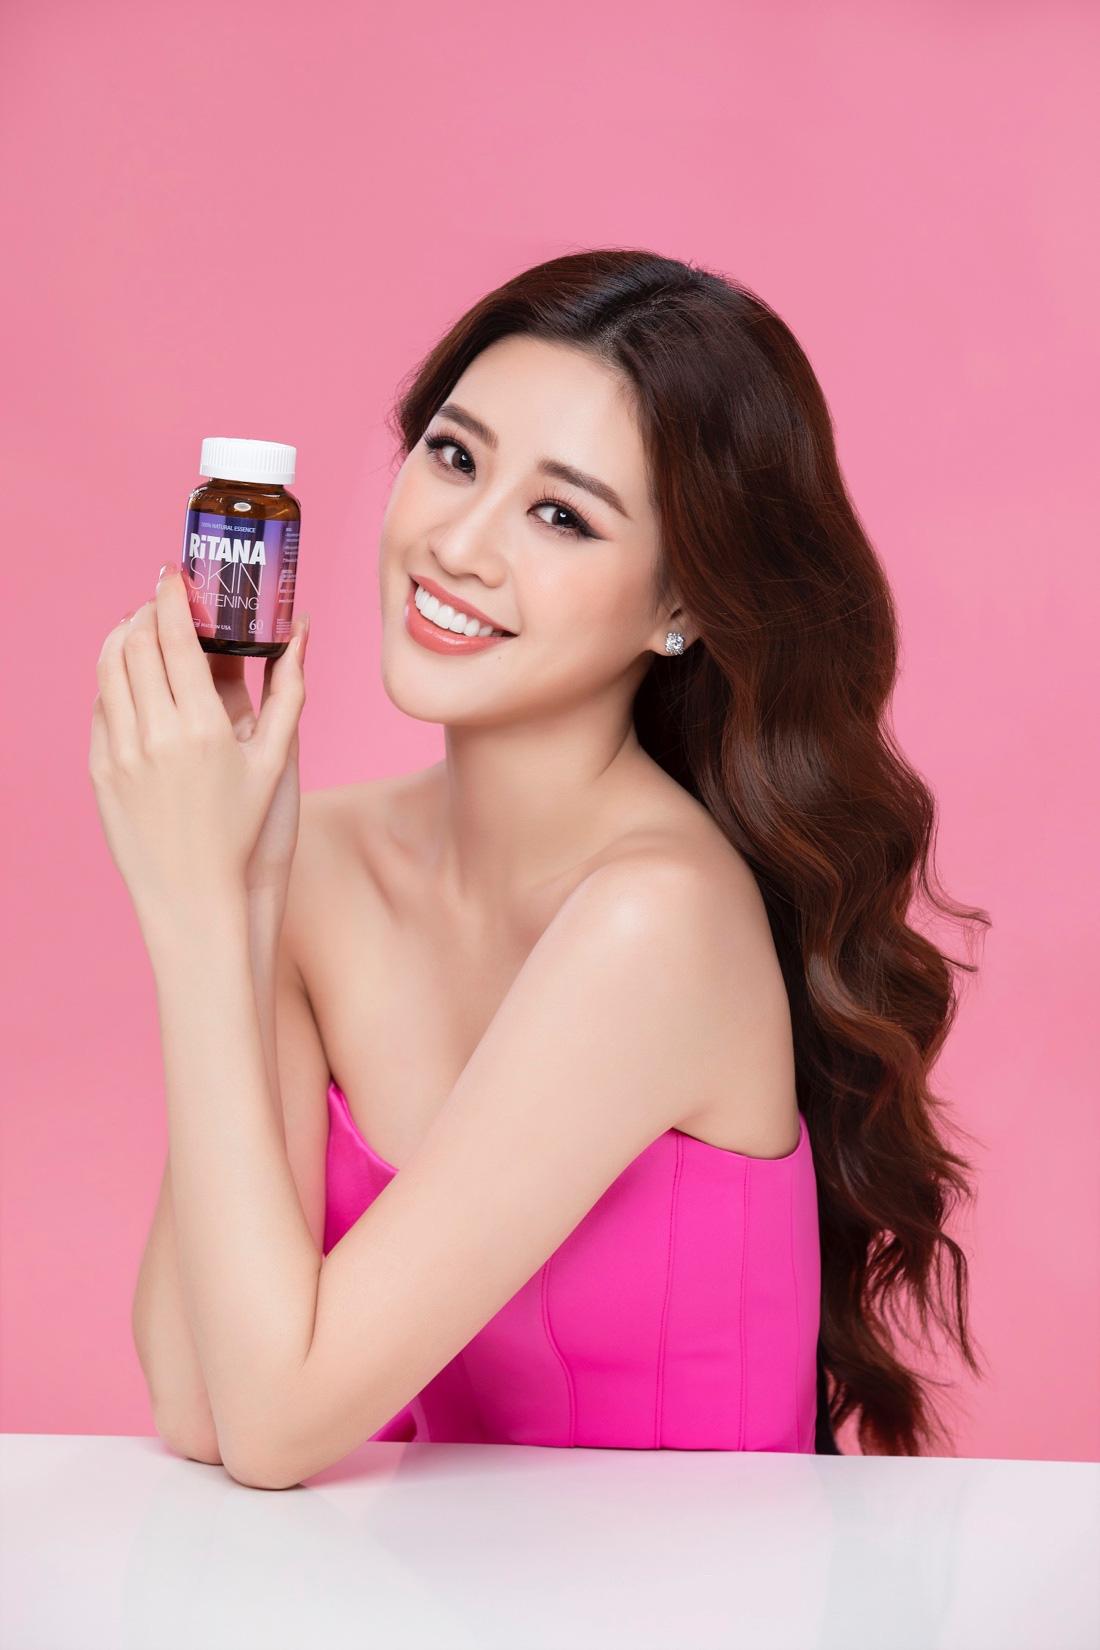 8 tuần nữa Tết rồi, Hoa hậu Khánh Vân mách nước cách chăm da trắng hồng mềm mượt đây này! - Ảnh 3.